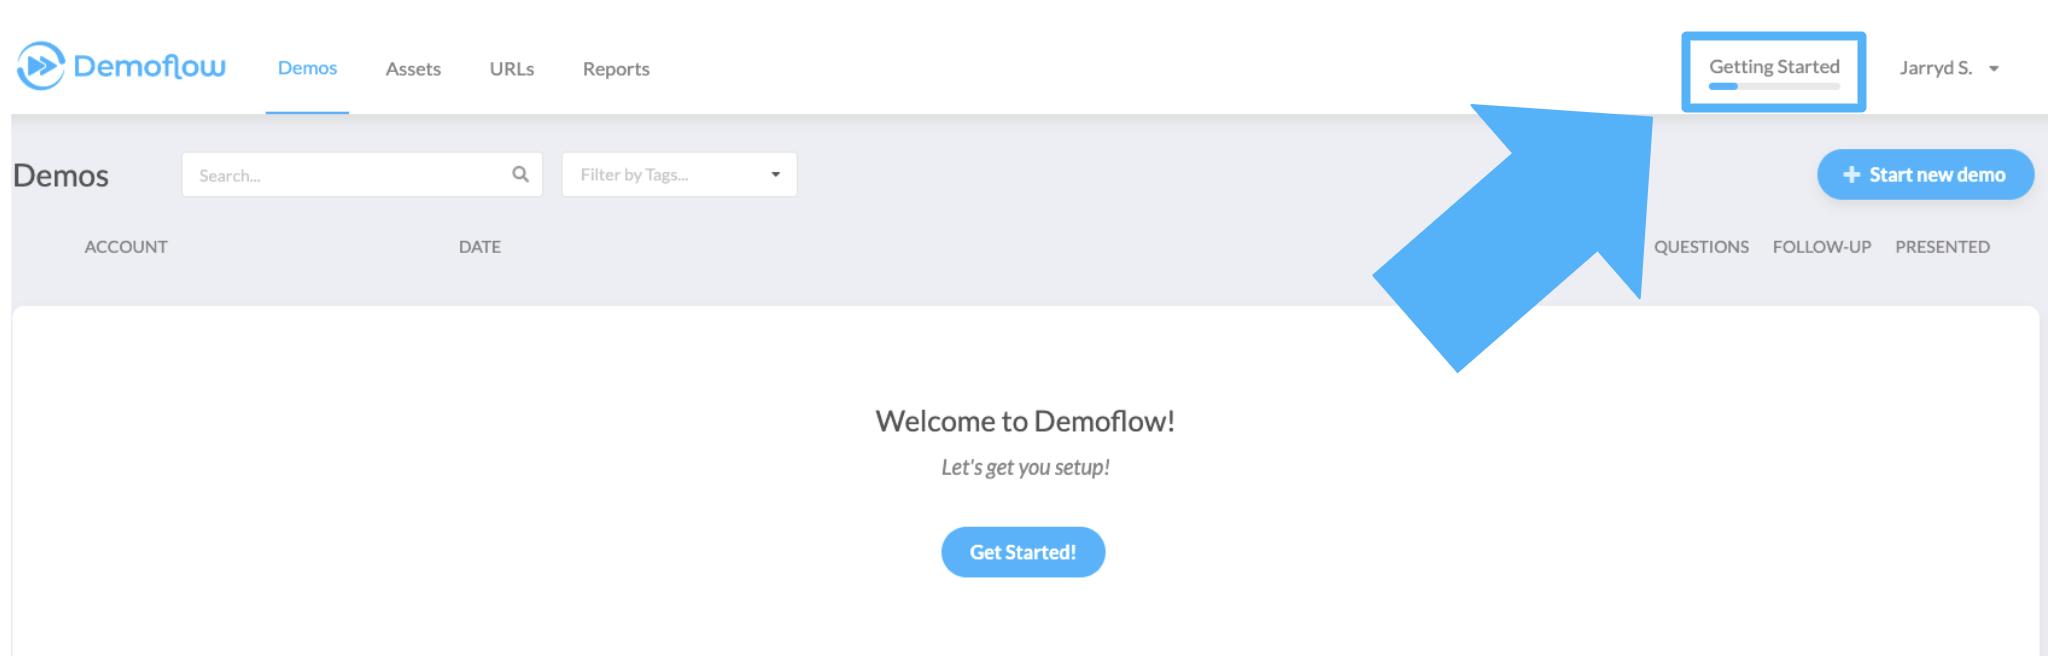 demoflow landing page